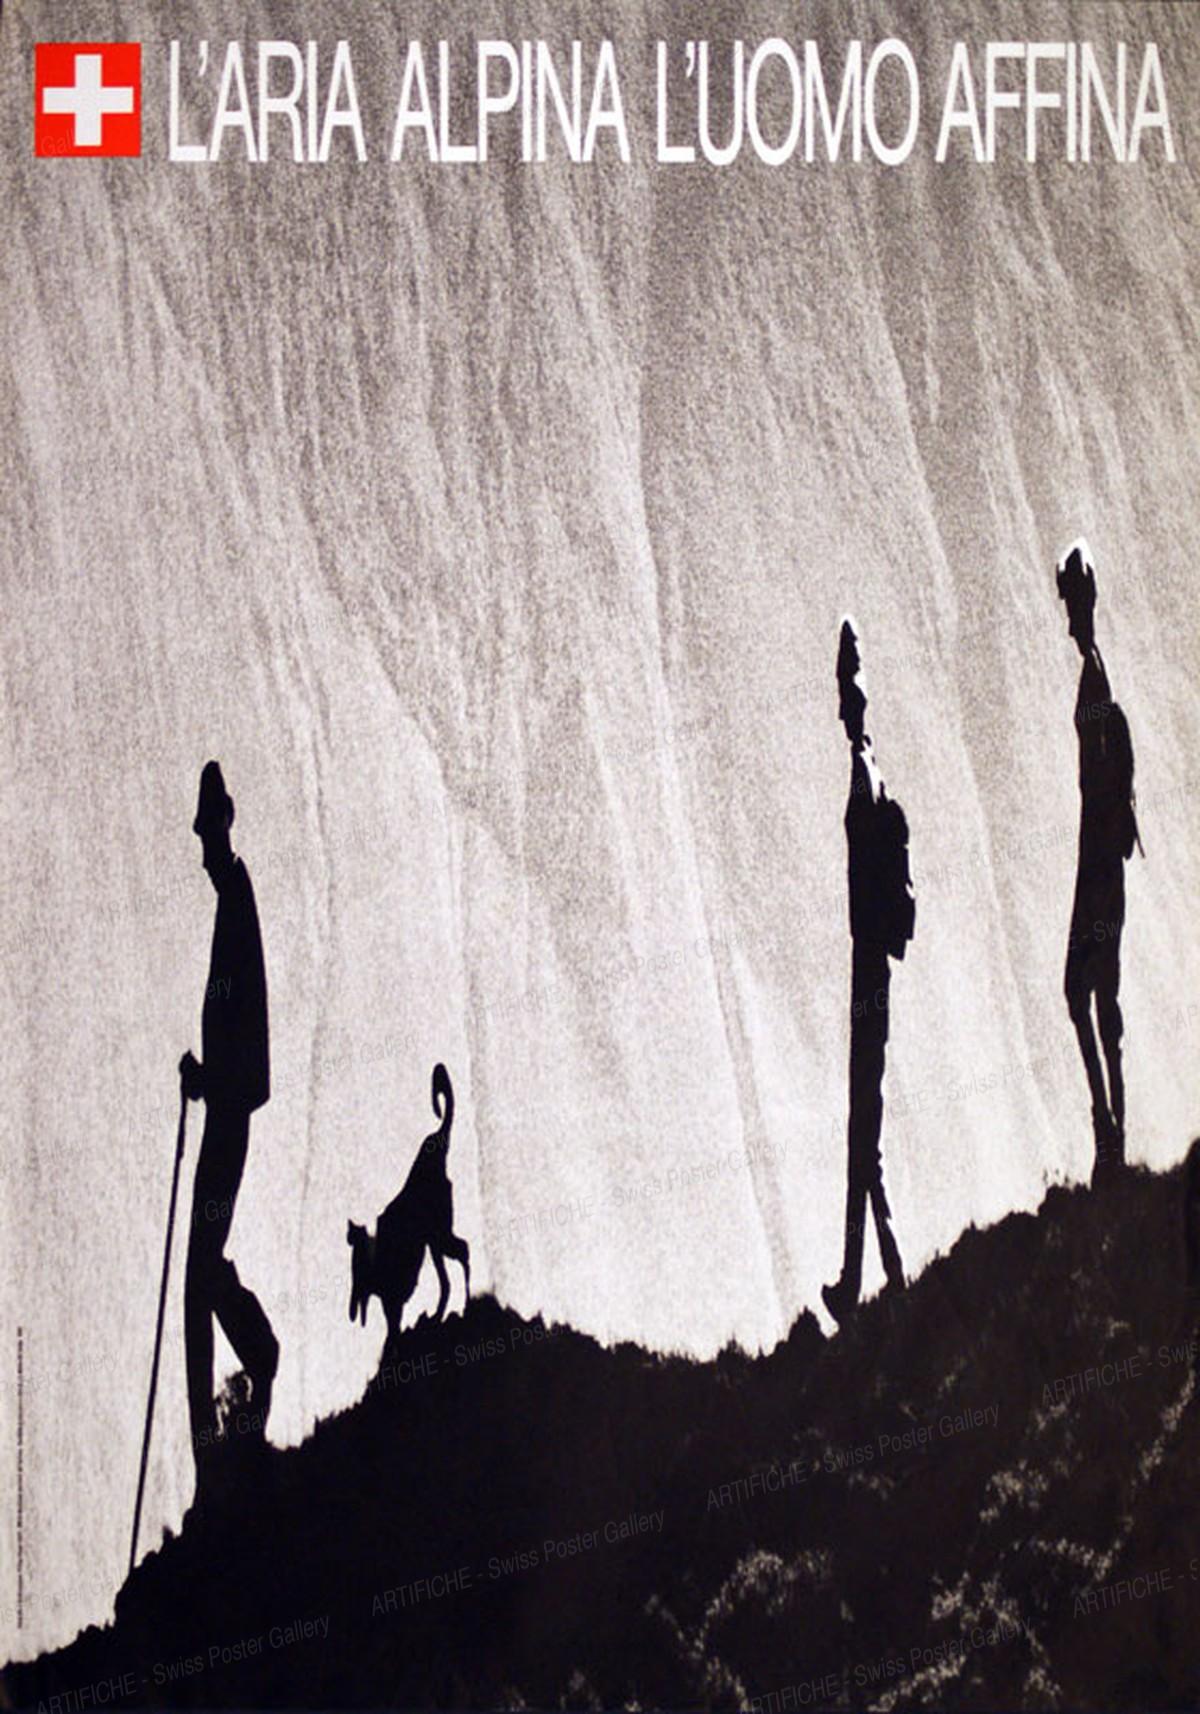 L'Aria alpina l'uomo affina, Philipp Giegel